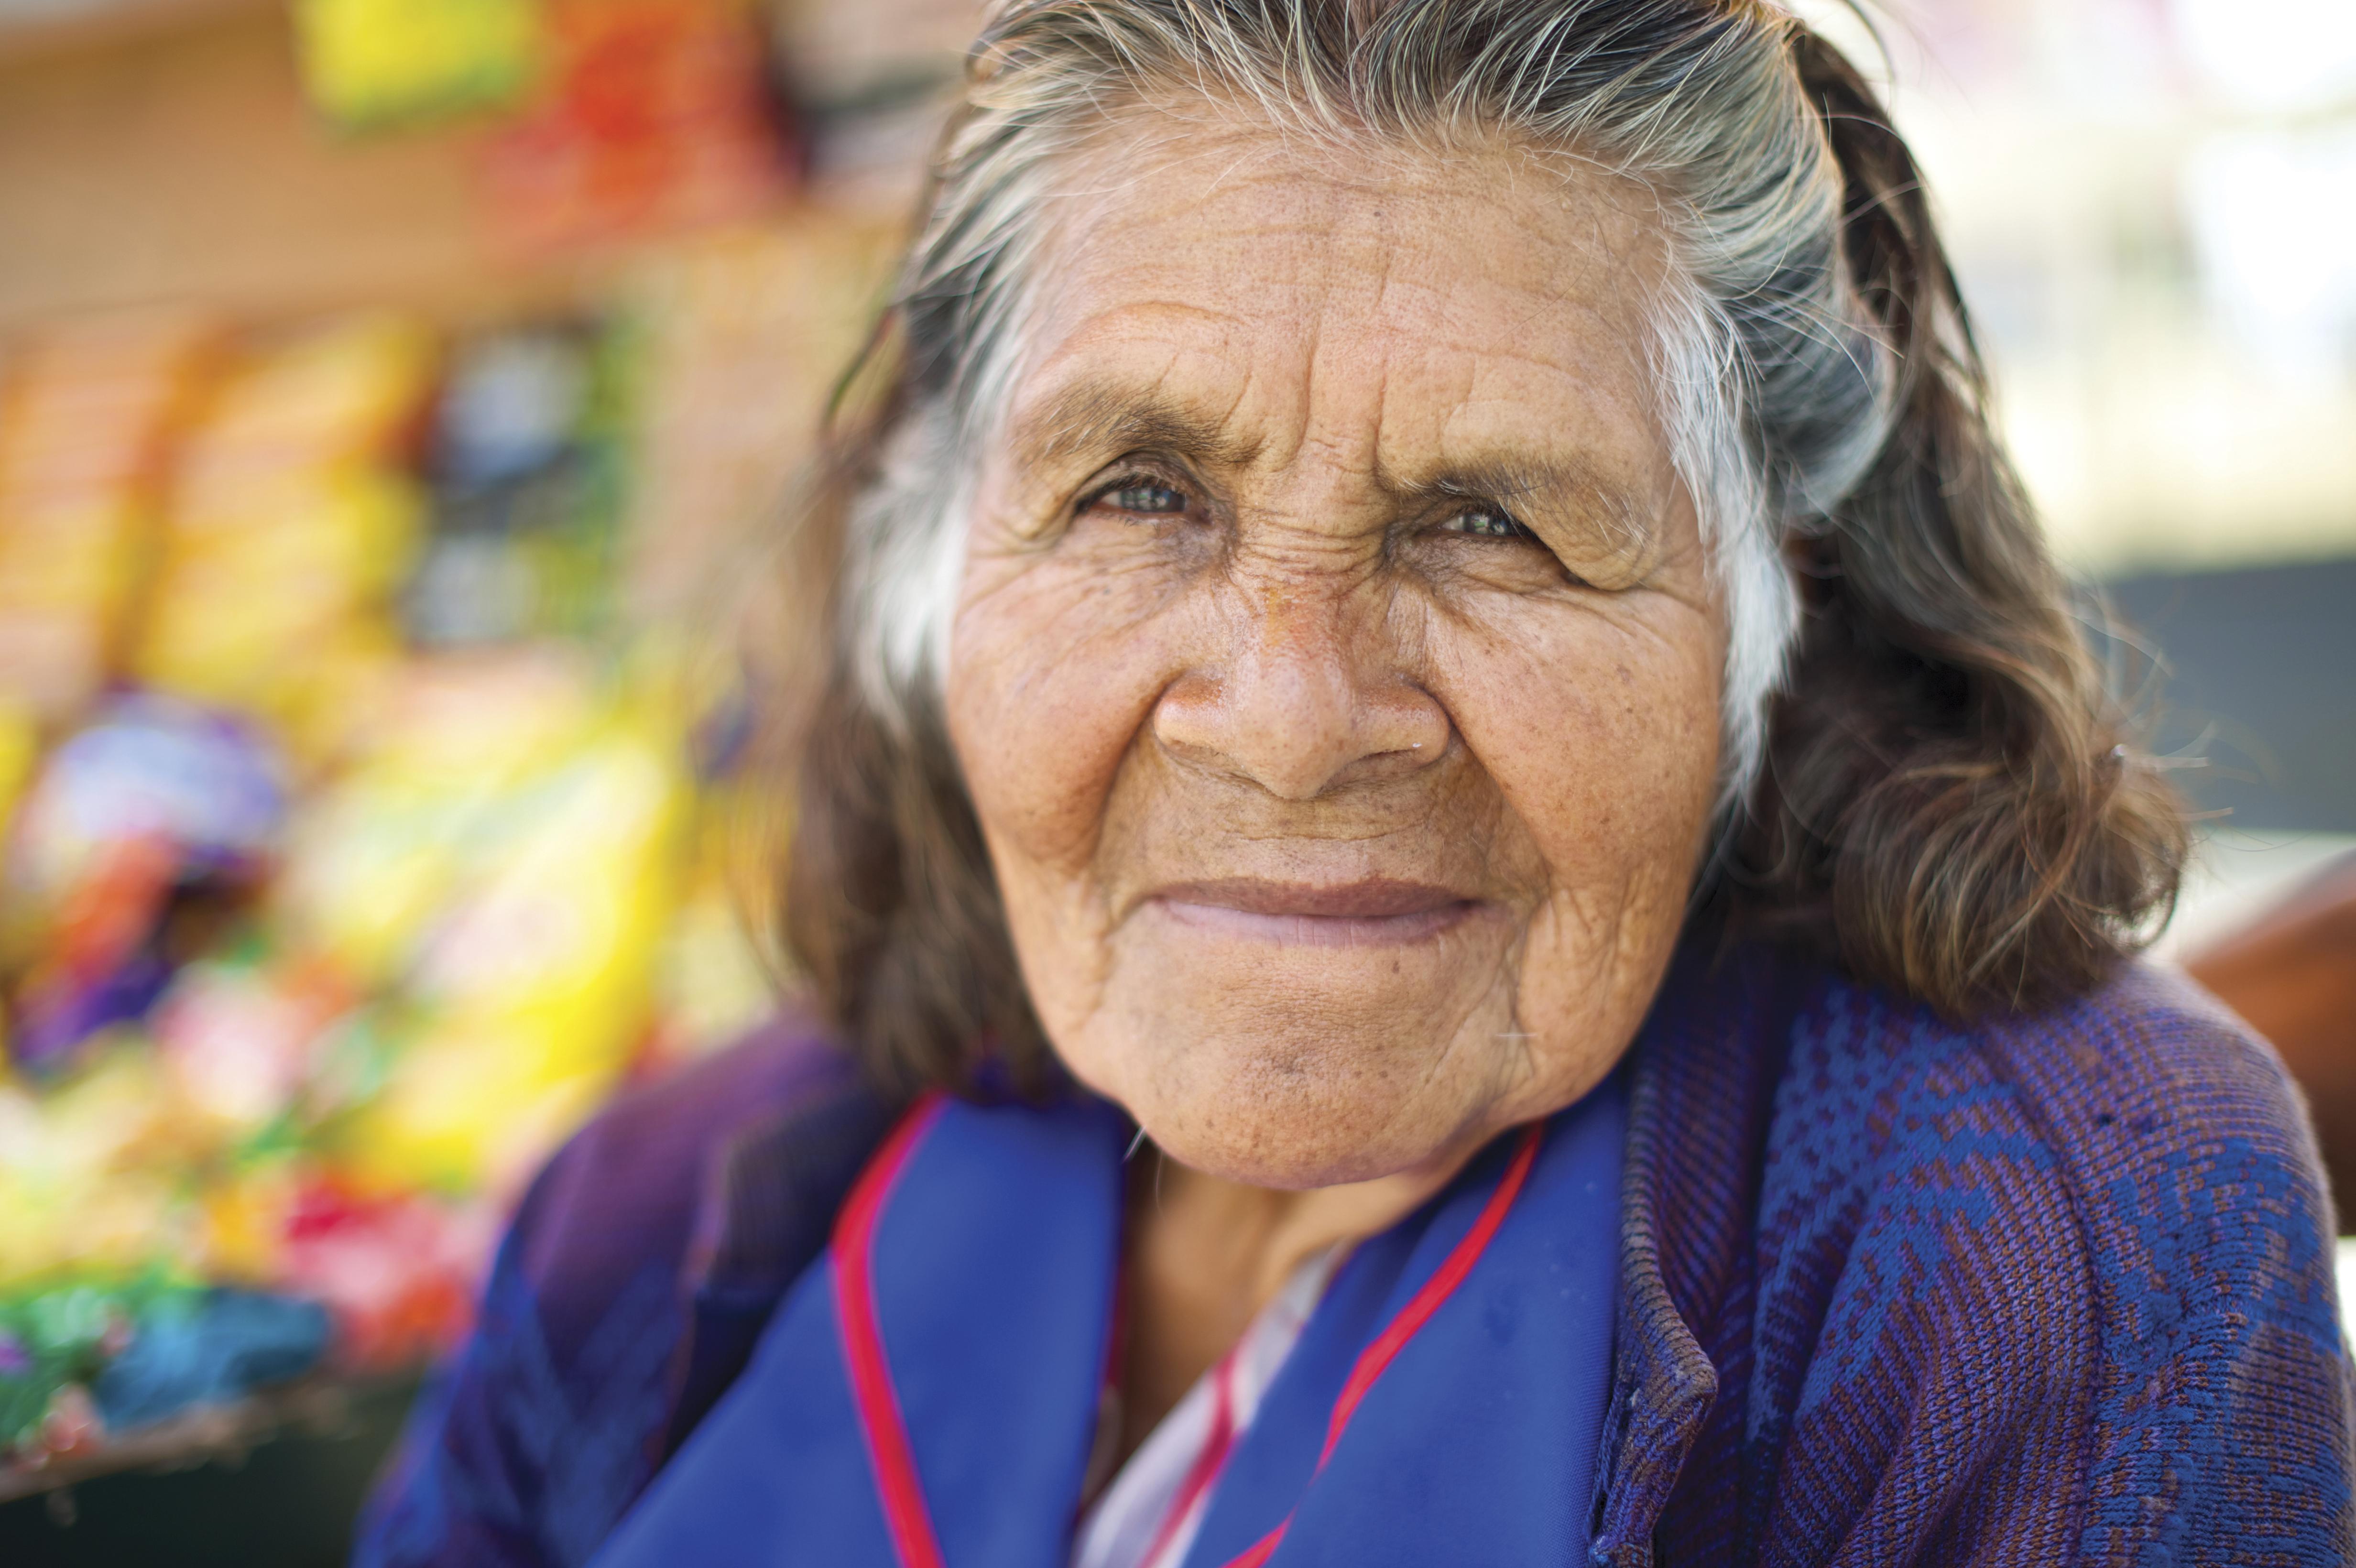 An informal portrait of an elderly woman in Peru.